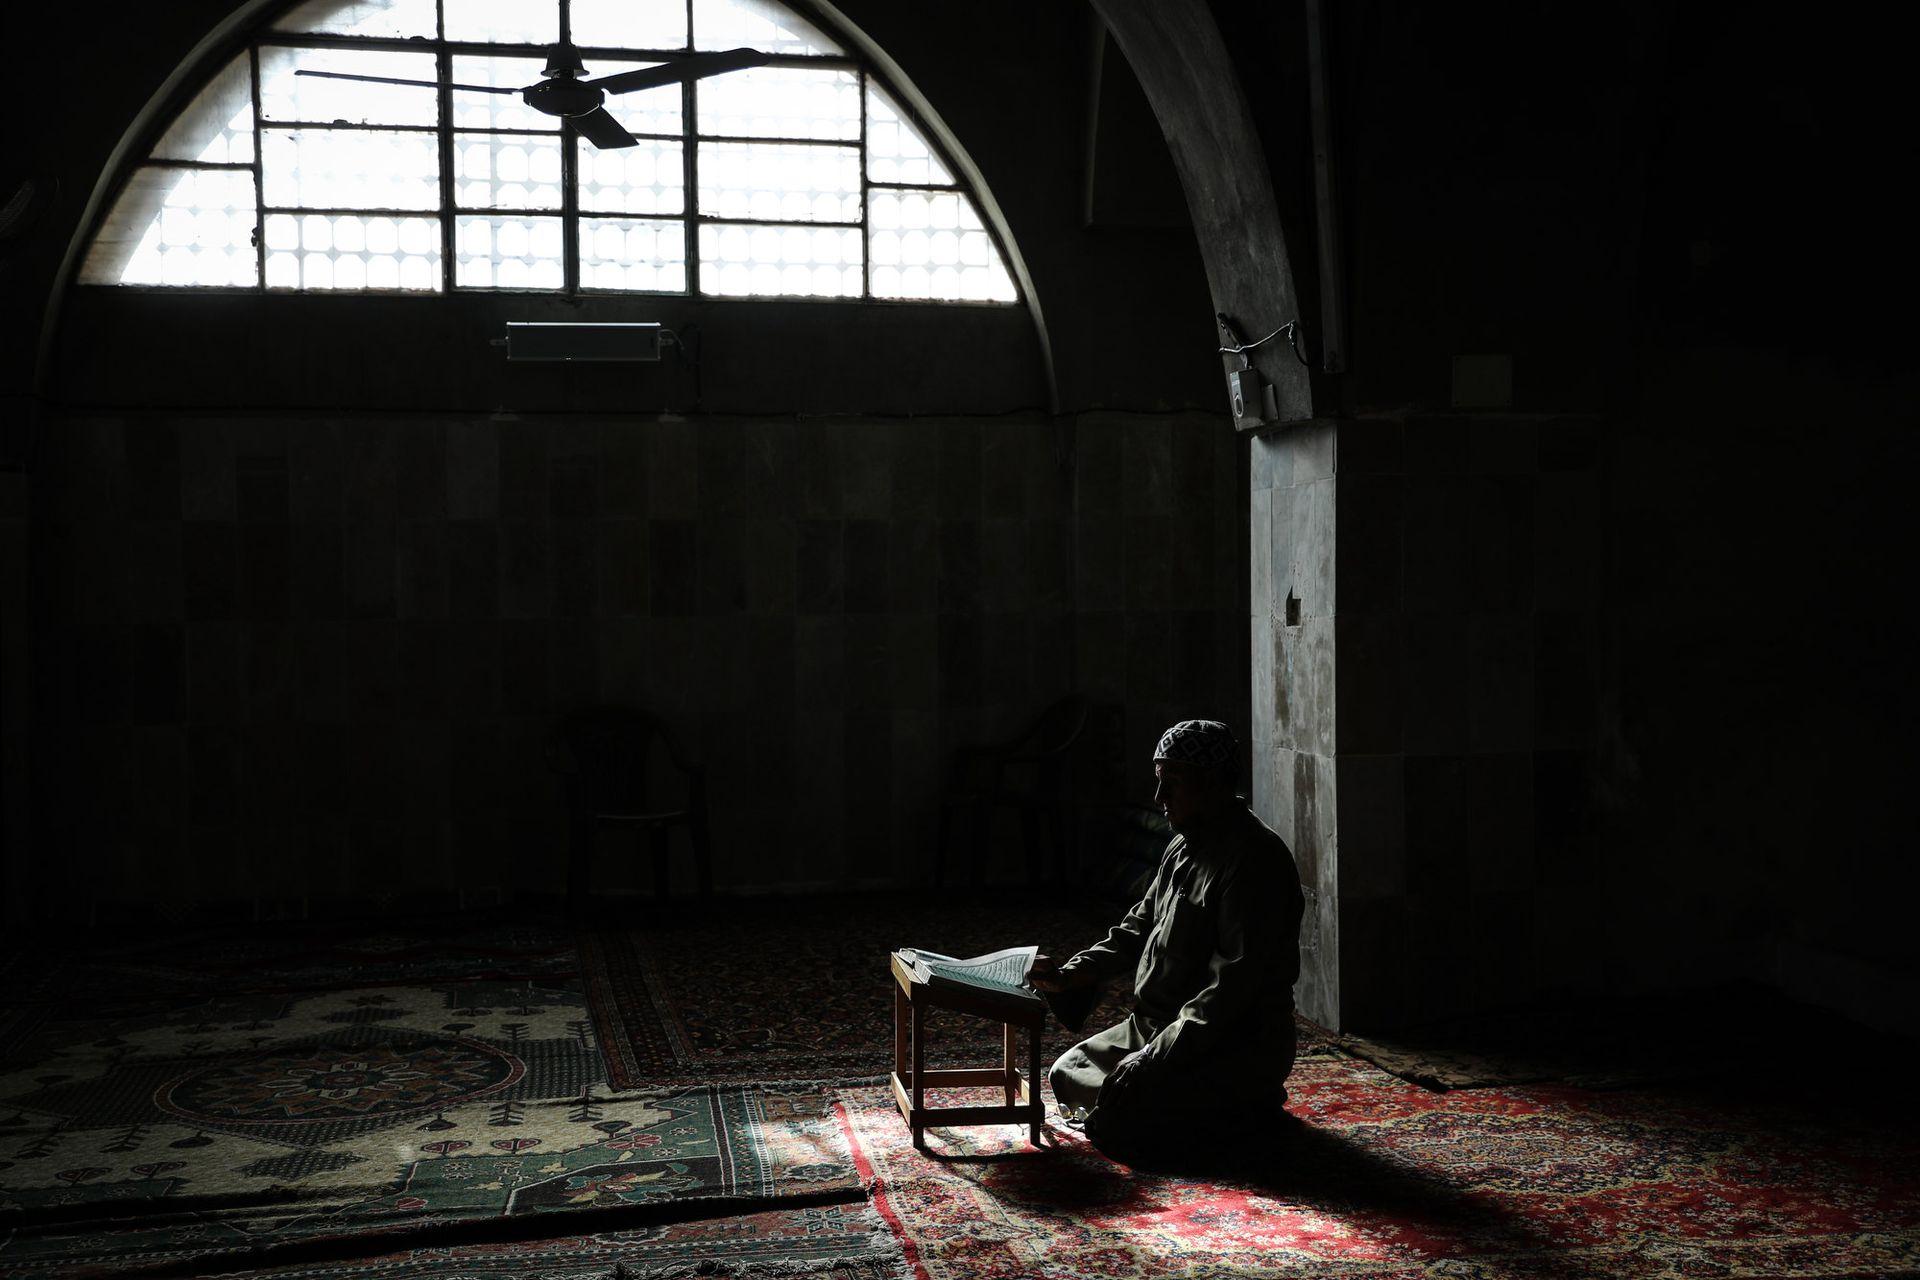 Un sirio lee el Corán en la mezquita de la ciudad de Maarrat Misrin, Siria